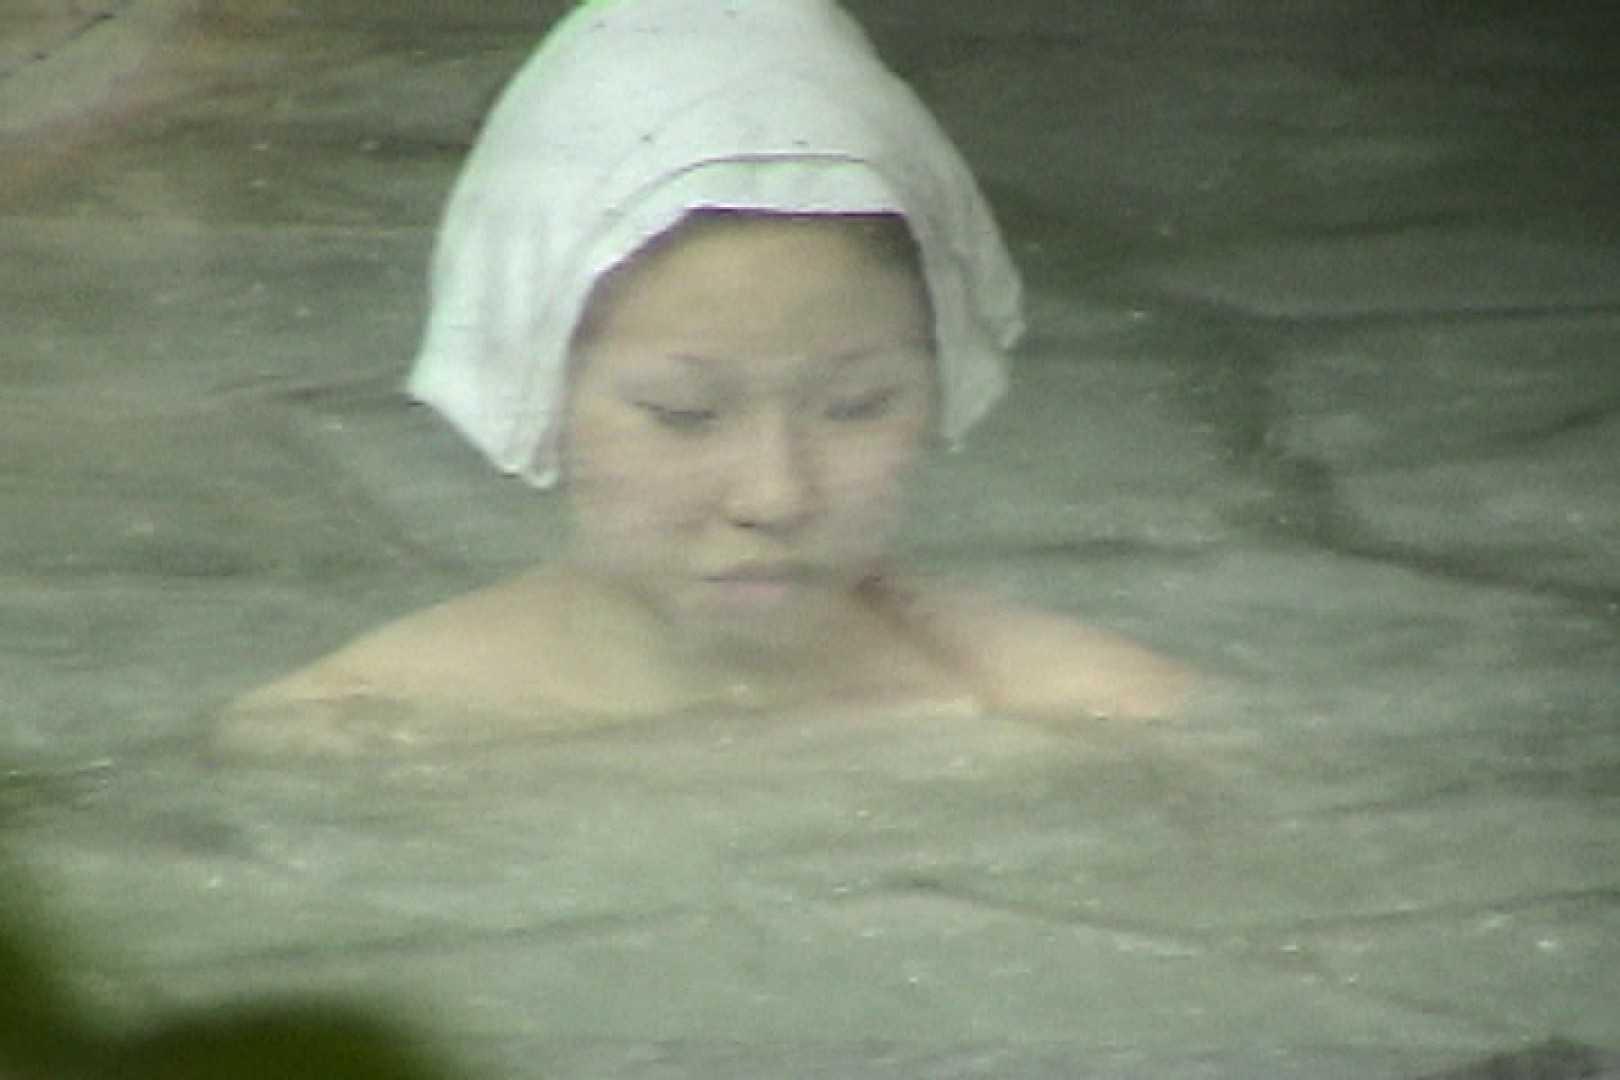 Aquaな露天風呂Vol.708 露天 | 盗撮特集  88画像 52